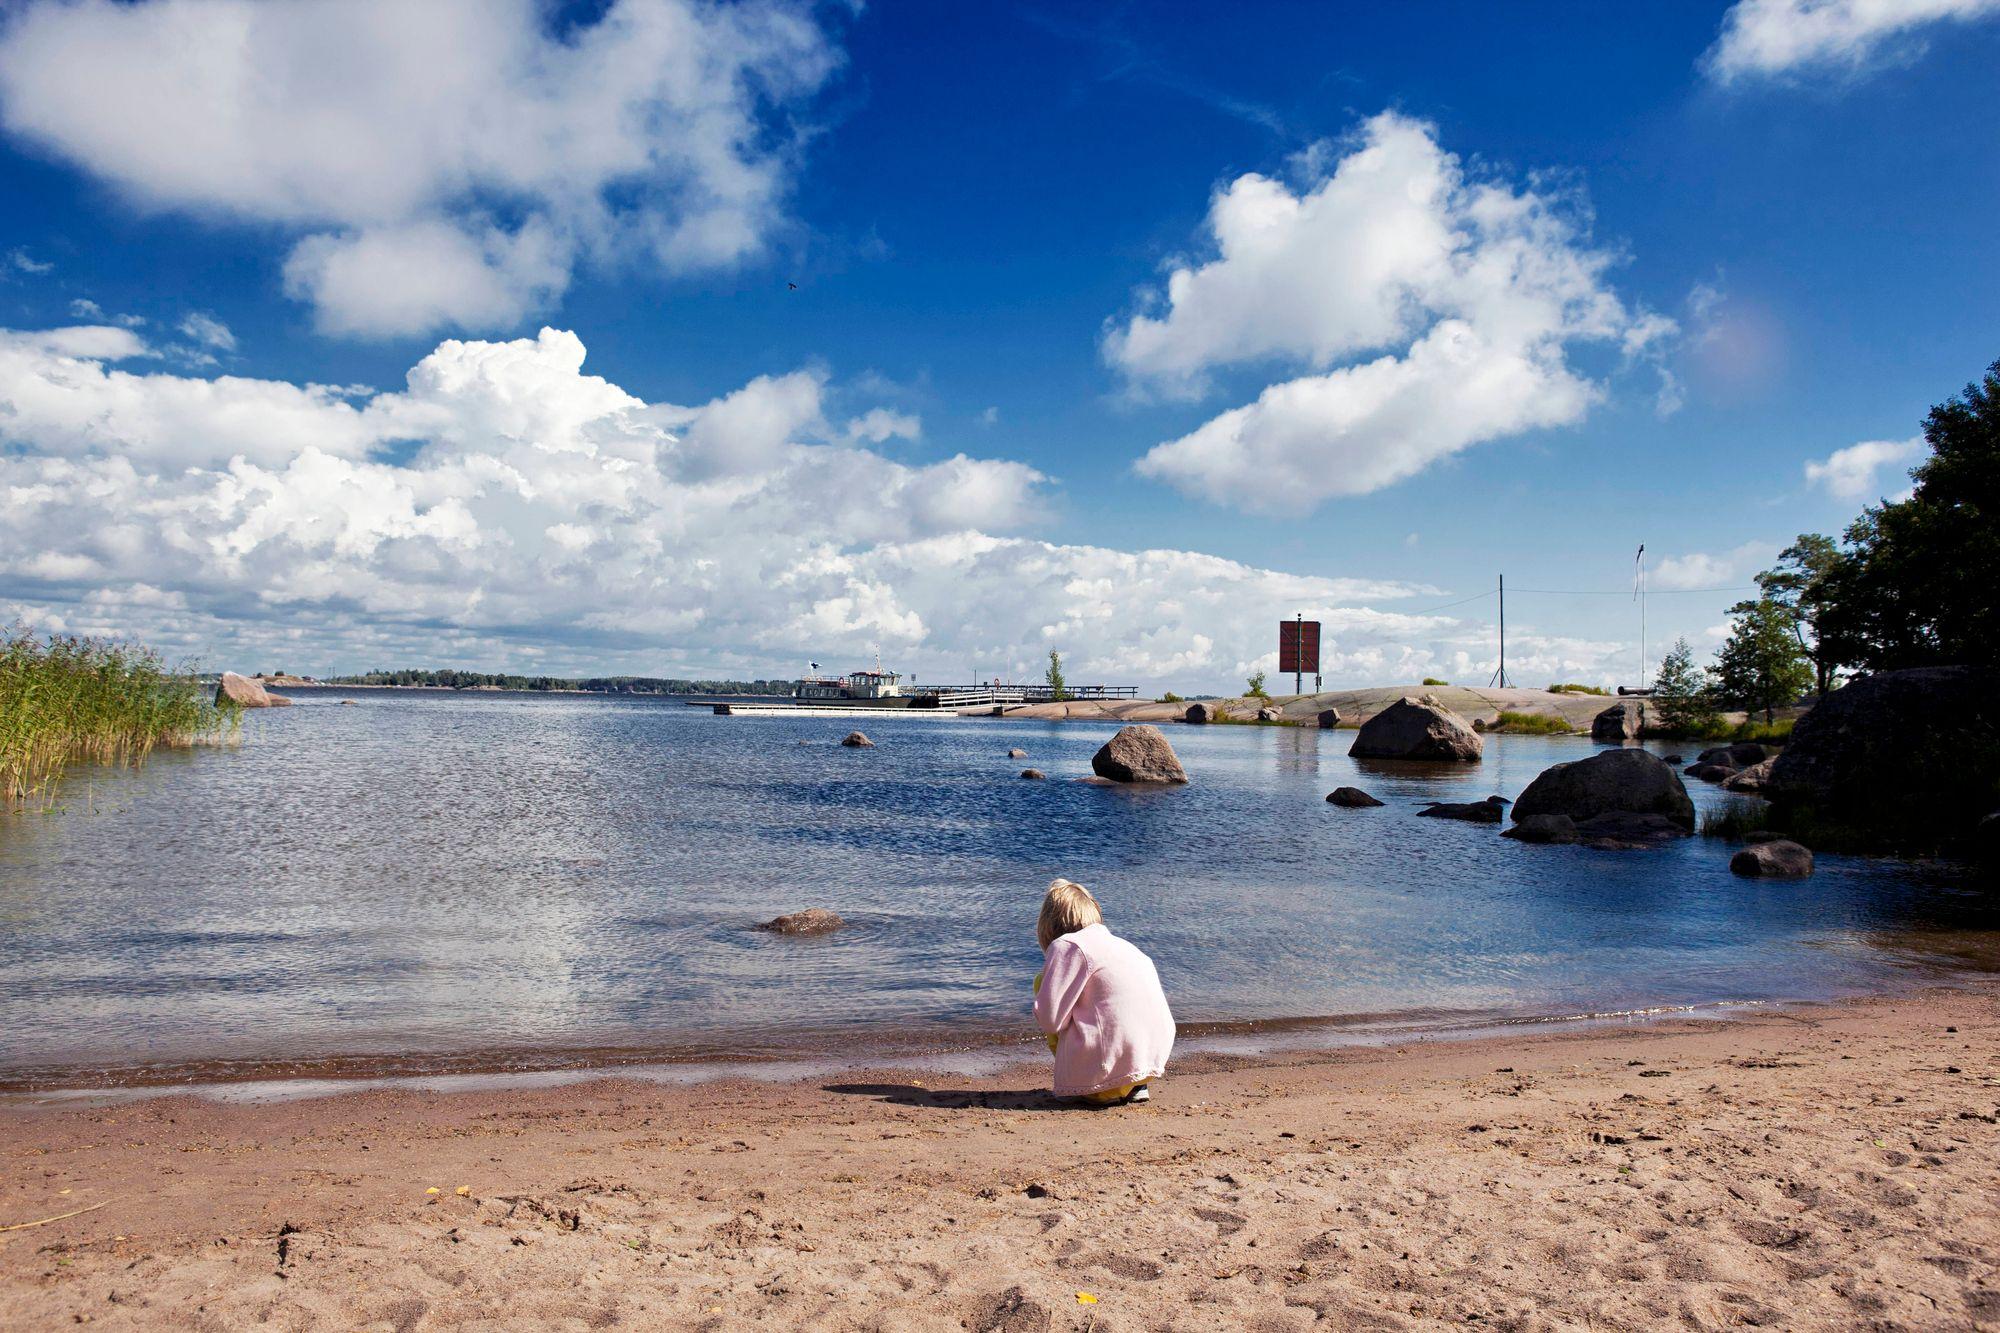 Varissaaressa voi nauttia rantaelämästä. © Sampo Korhonen/Skoy